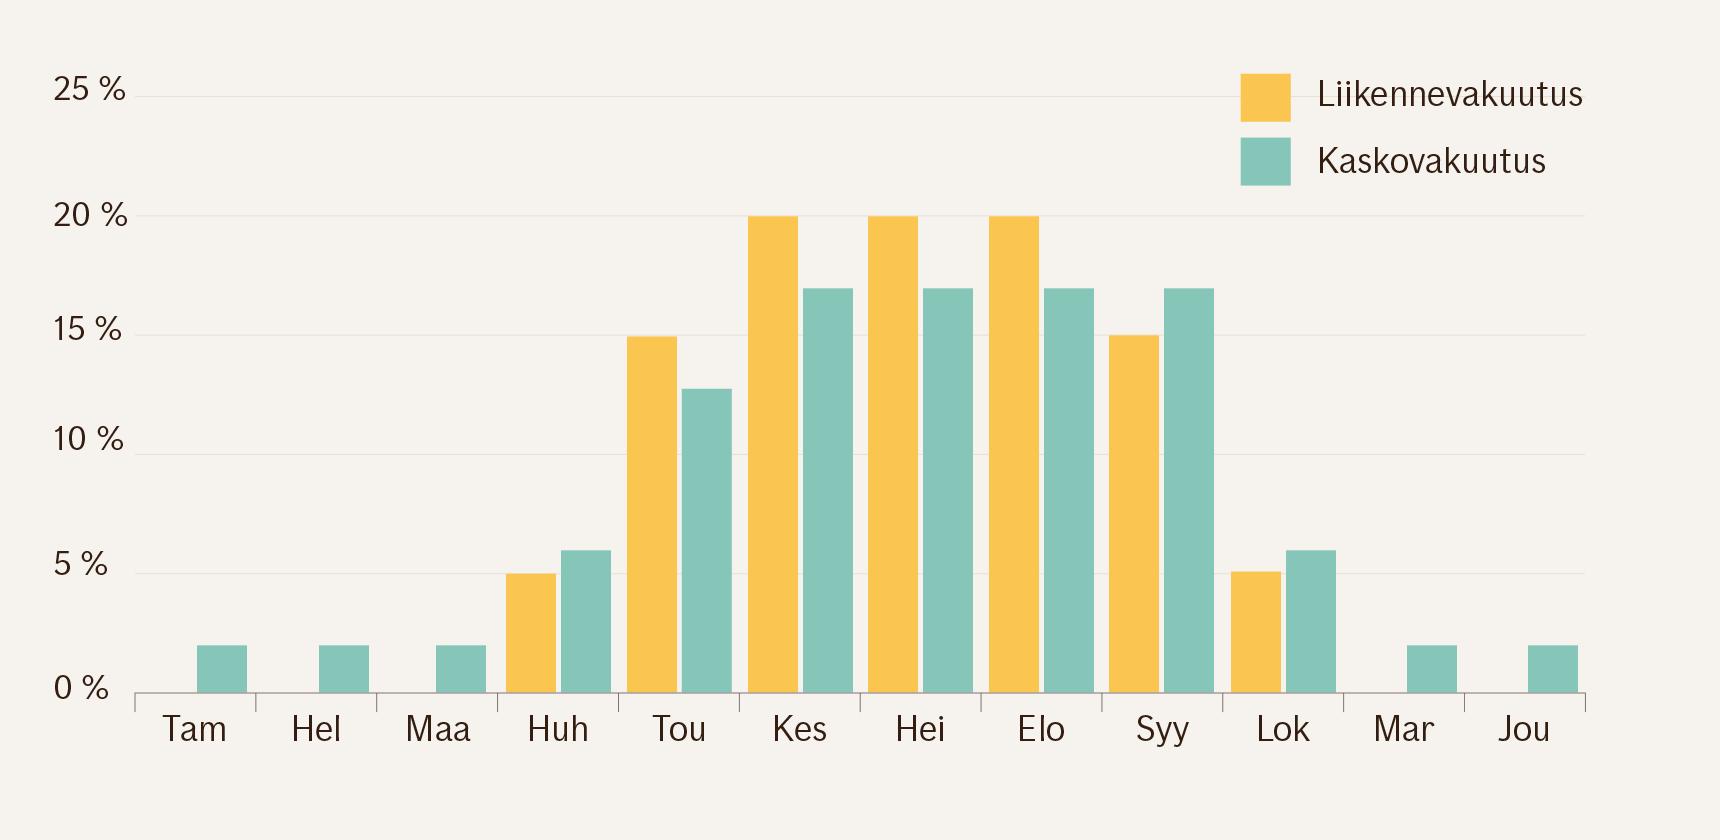 Pylväsgrafiikka liikennevakuutuksen ja kaskon hinnan jakautumisesta eri kuukausille. Molempien osalta suurin osa kustannuksista kertyy huhtikuulta syyskuulle. Marraskuulta maaliskuulle liikennevakuutuksesta ei kerry kustannuksia ollenkaan ja kaskostakin vain minimaaliset kustannukset.